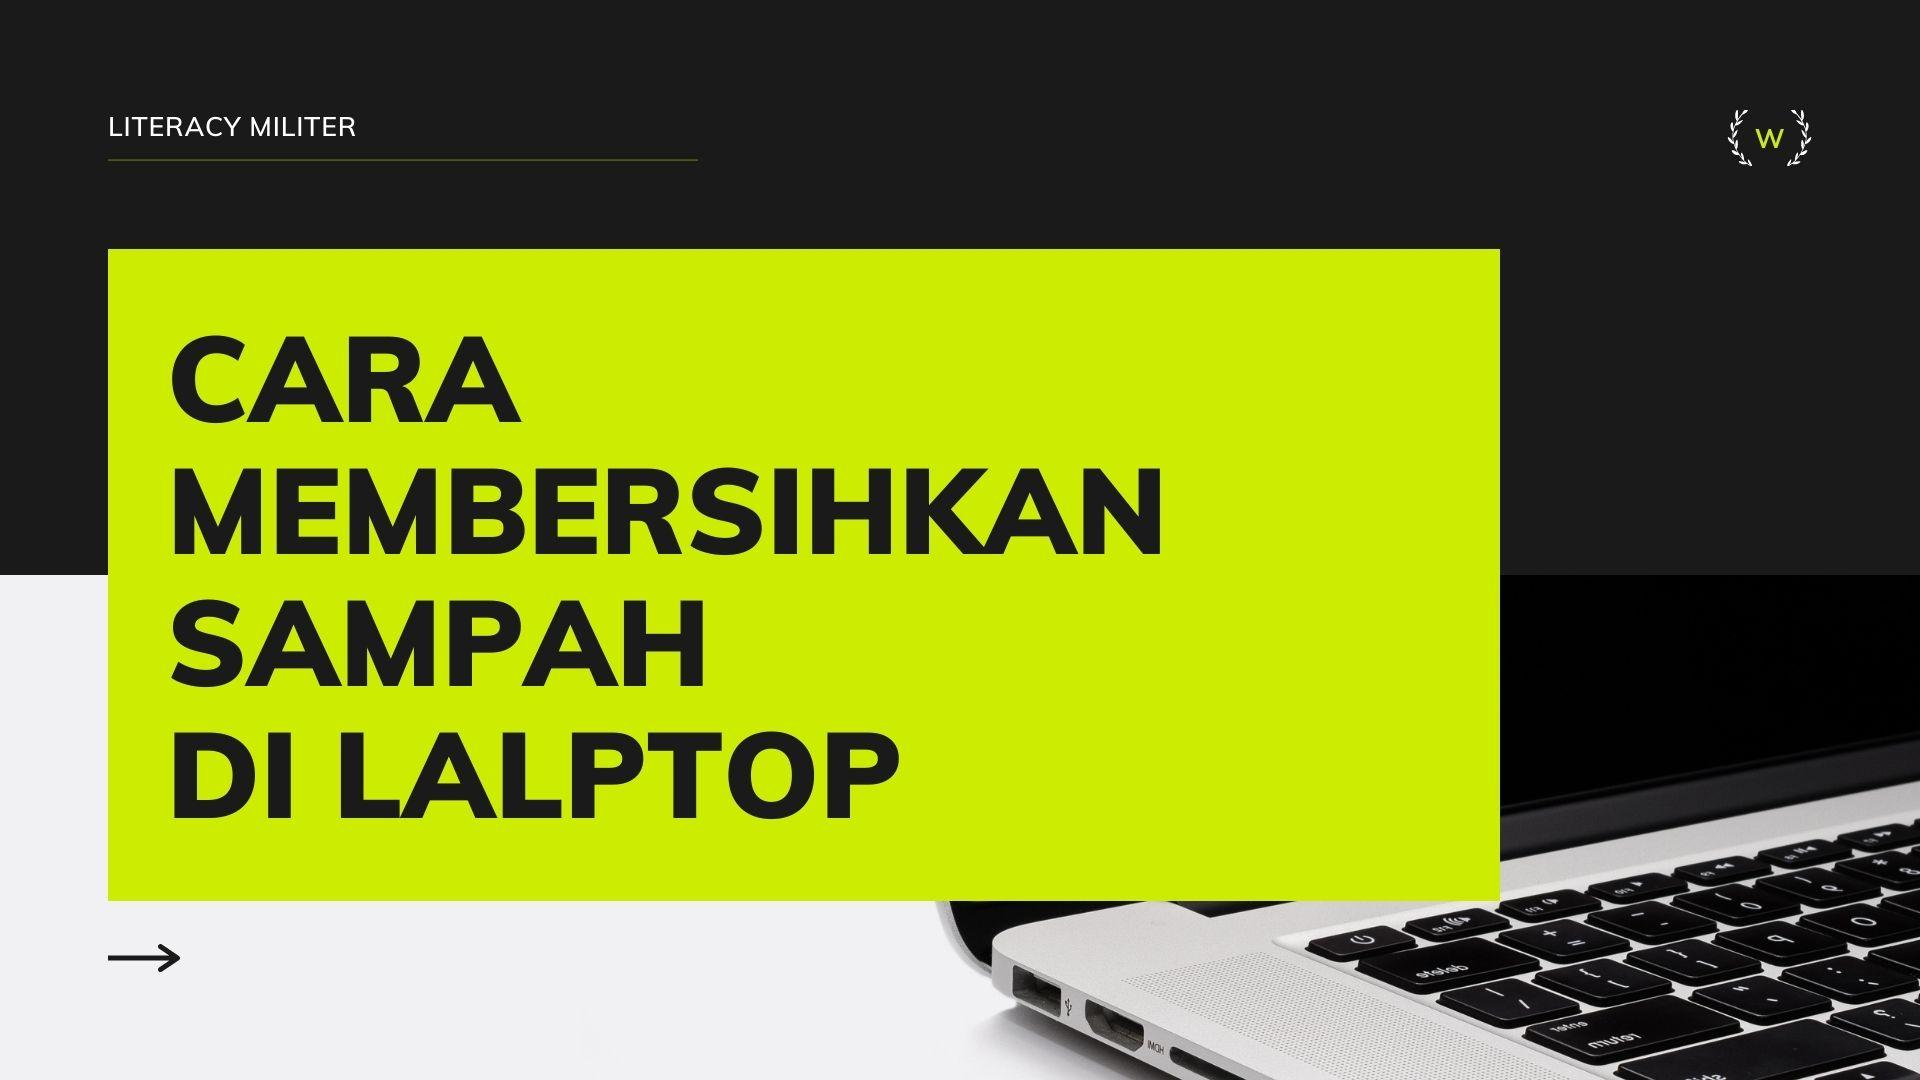 https://translate.google.com/translate?u=https://en.wikipedia.org/wiki/Laptop&hl=id&sl=en&tl=id&client=srp&prev=search